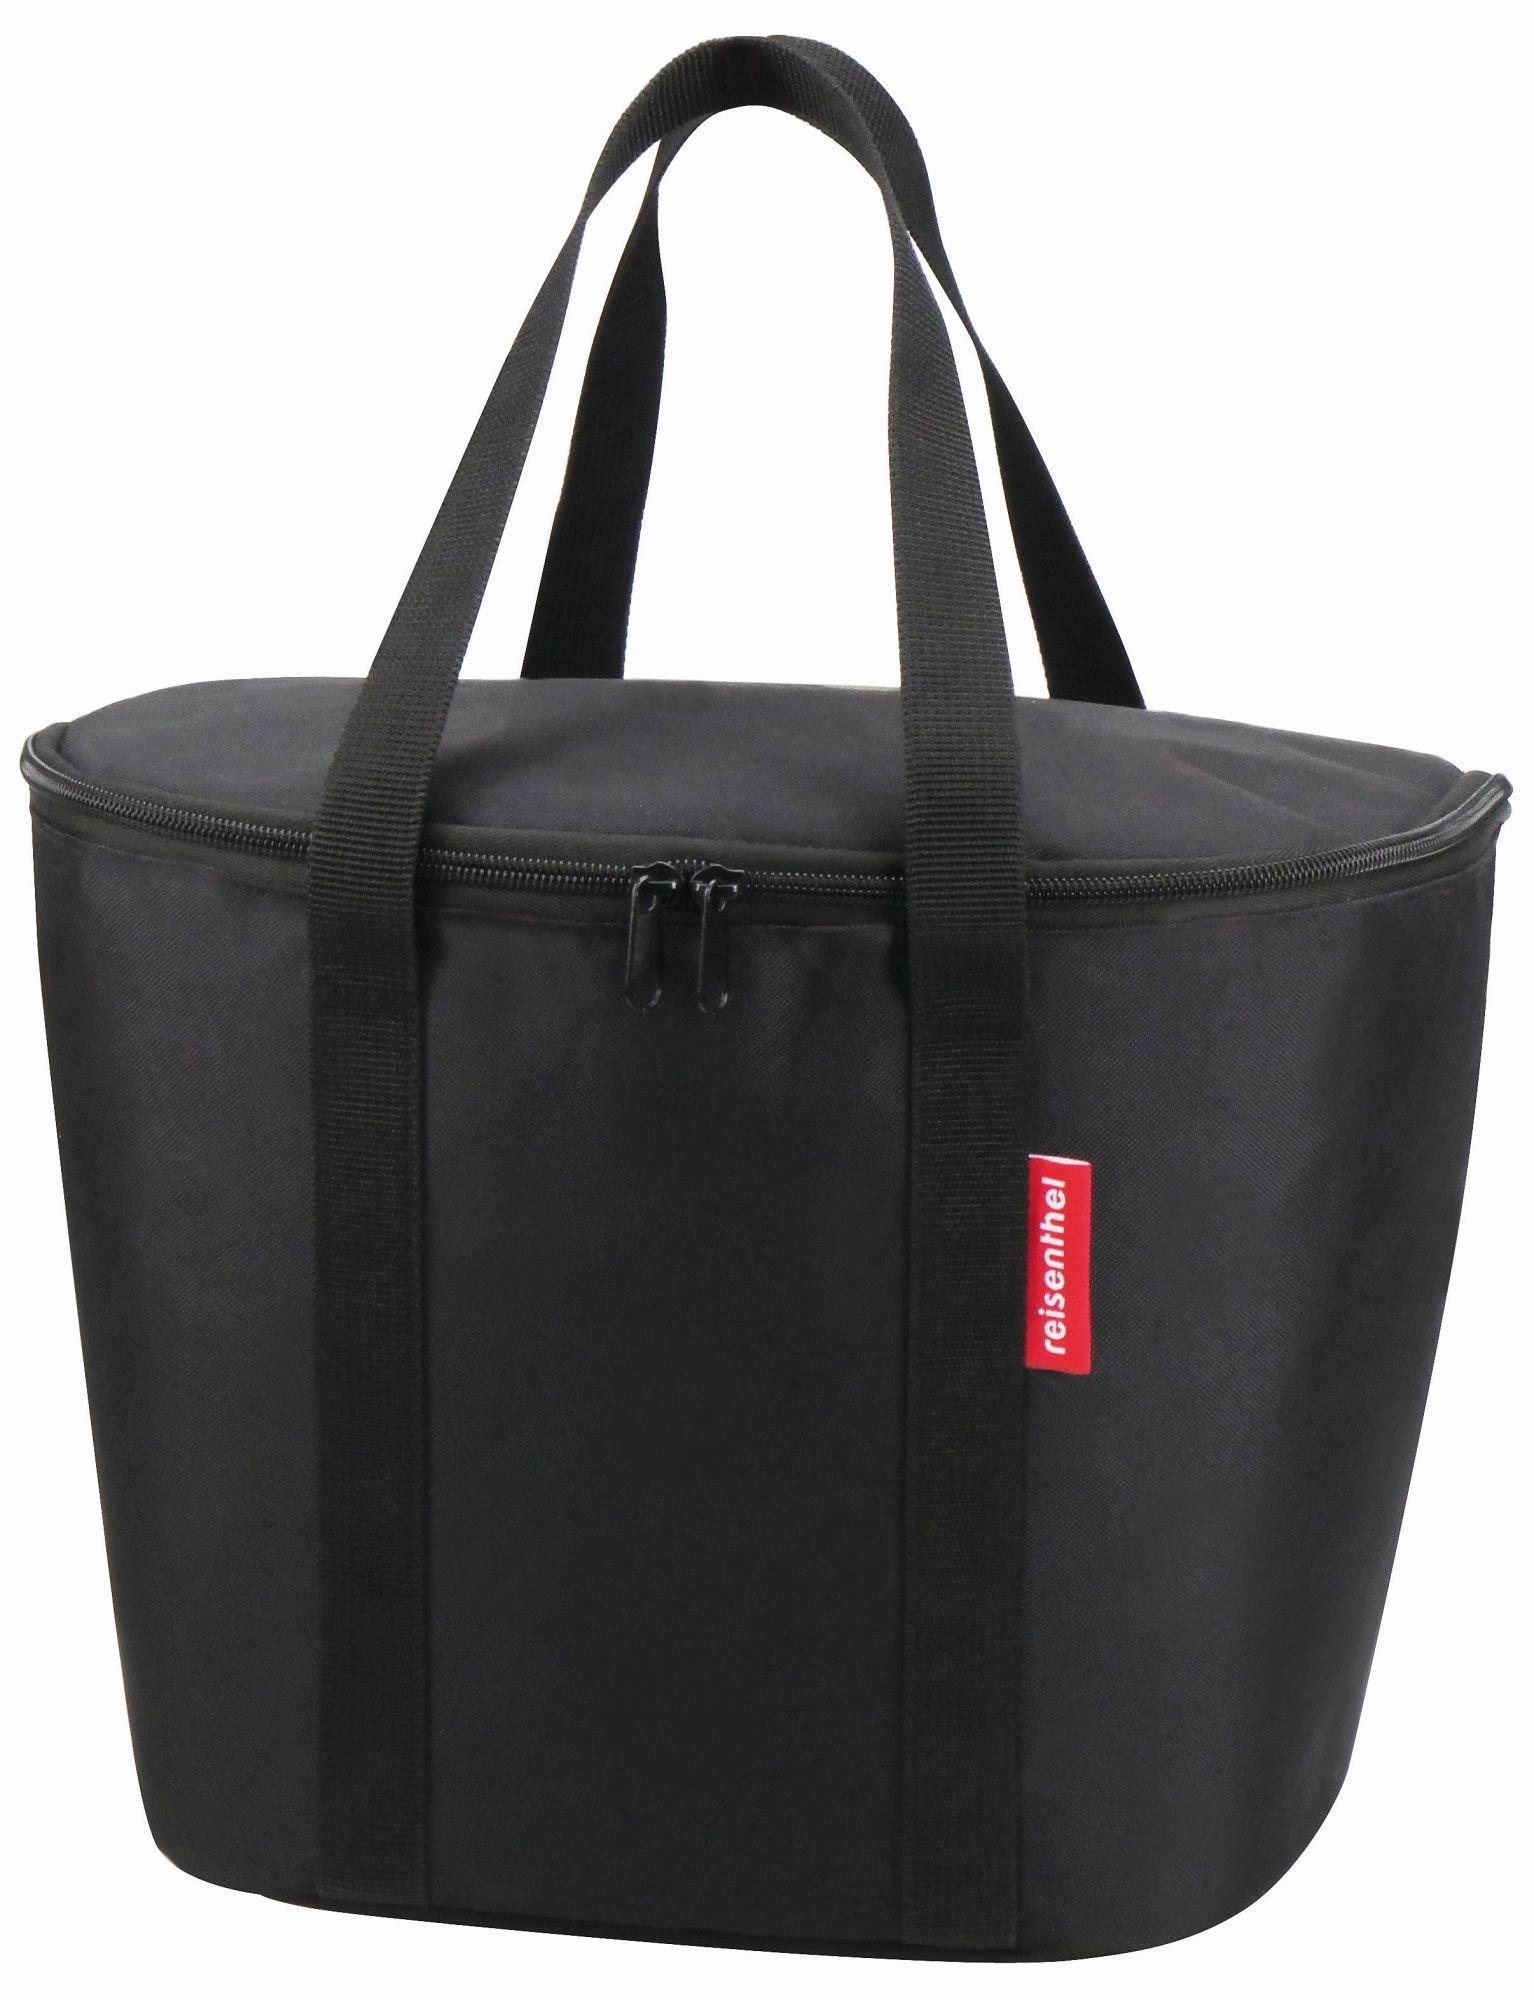 lenkertaschen/Koffer & Körbe: Rixen & Kaul  Lenkertasche Iso Basket Bag